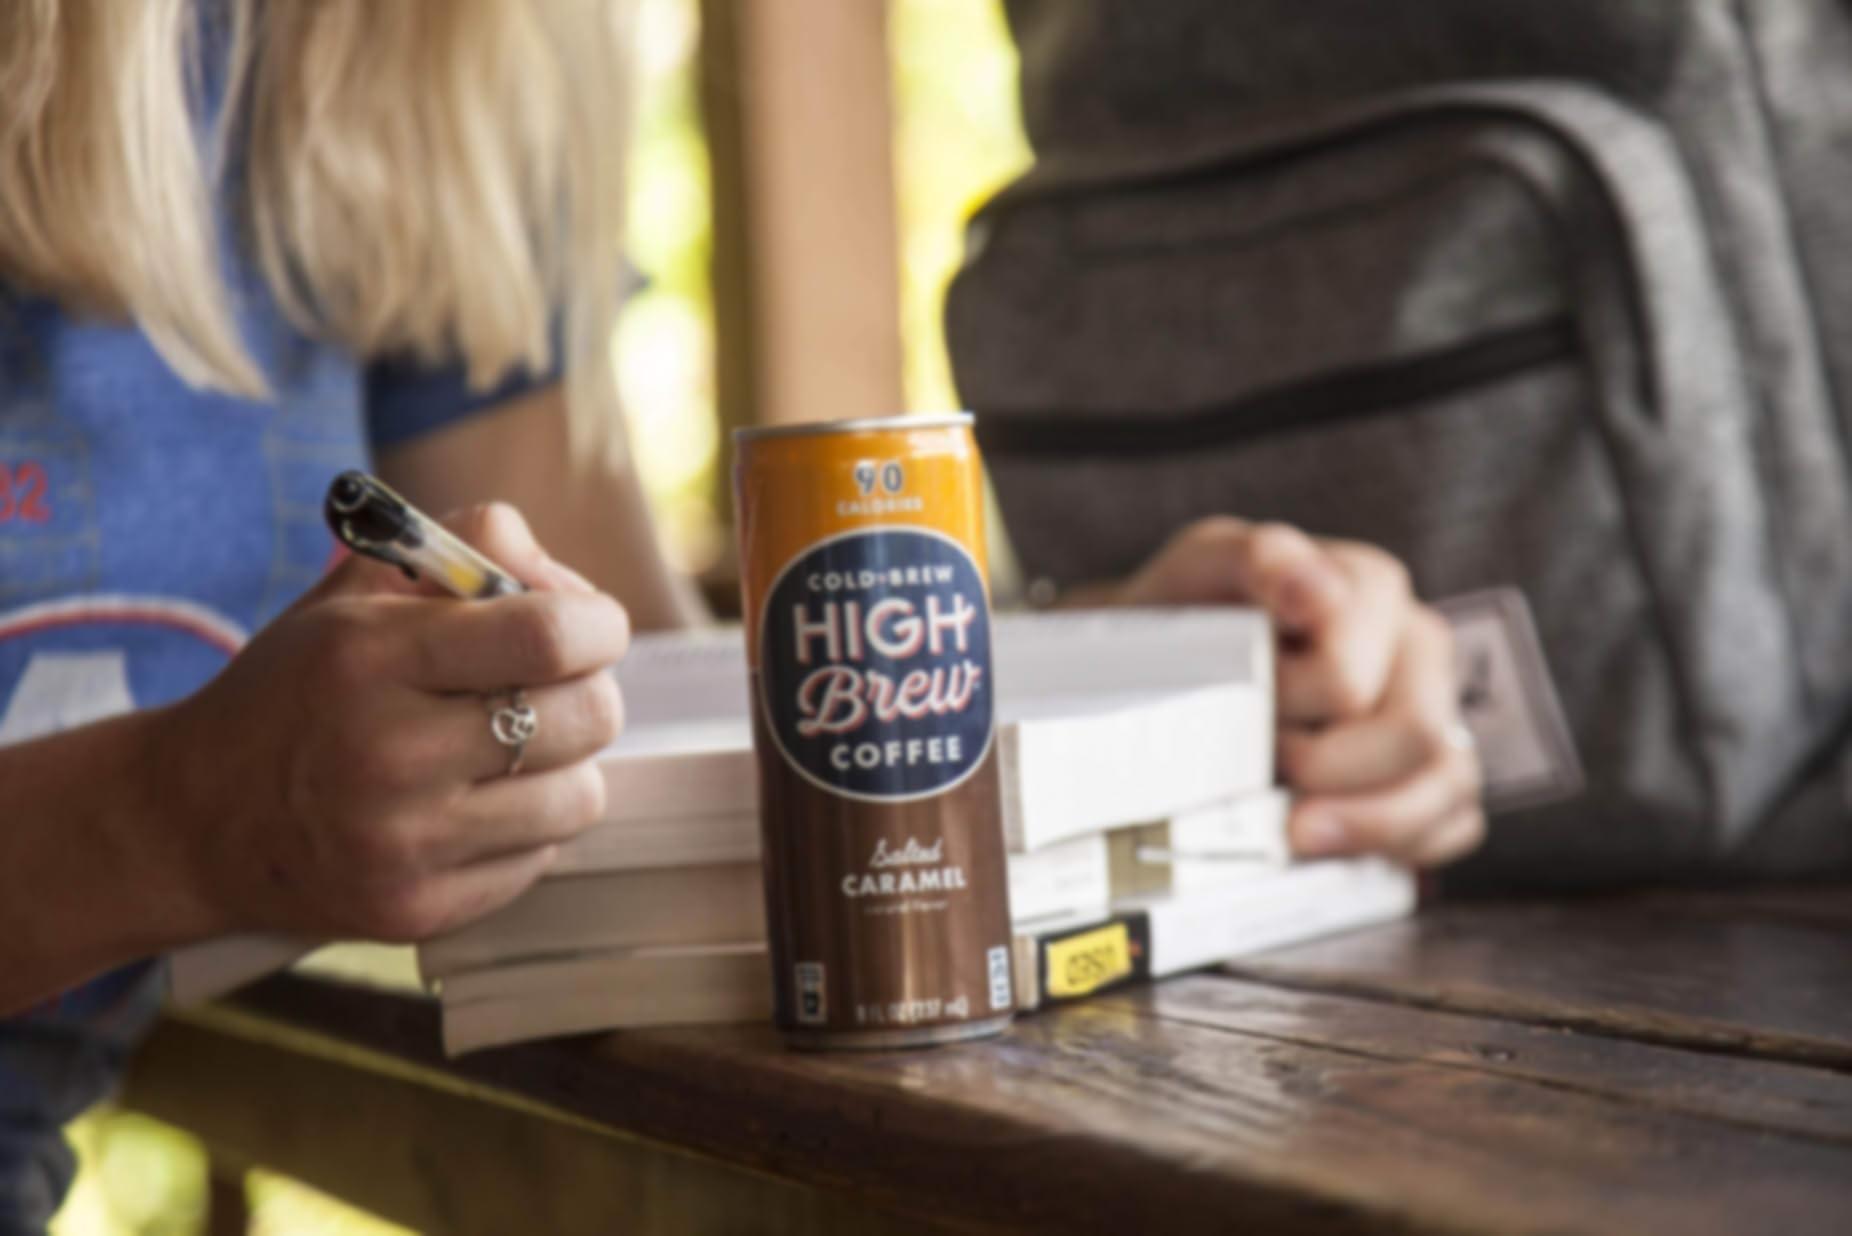 正在学习的学生,书的旁边放着一罐 High Brew 咖啡。